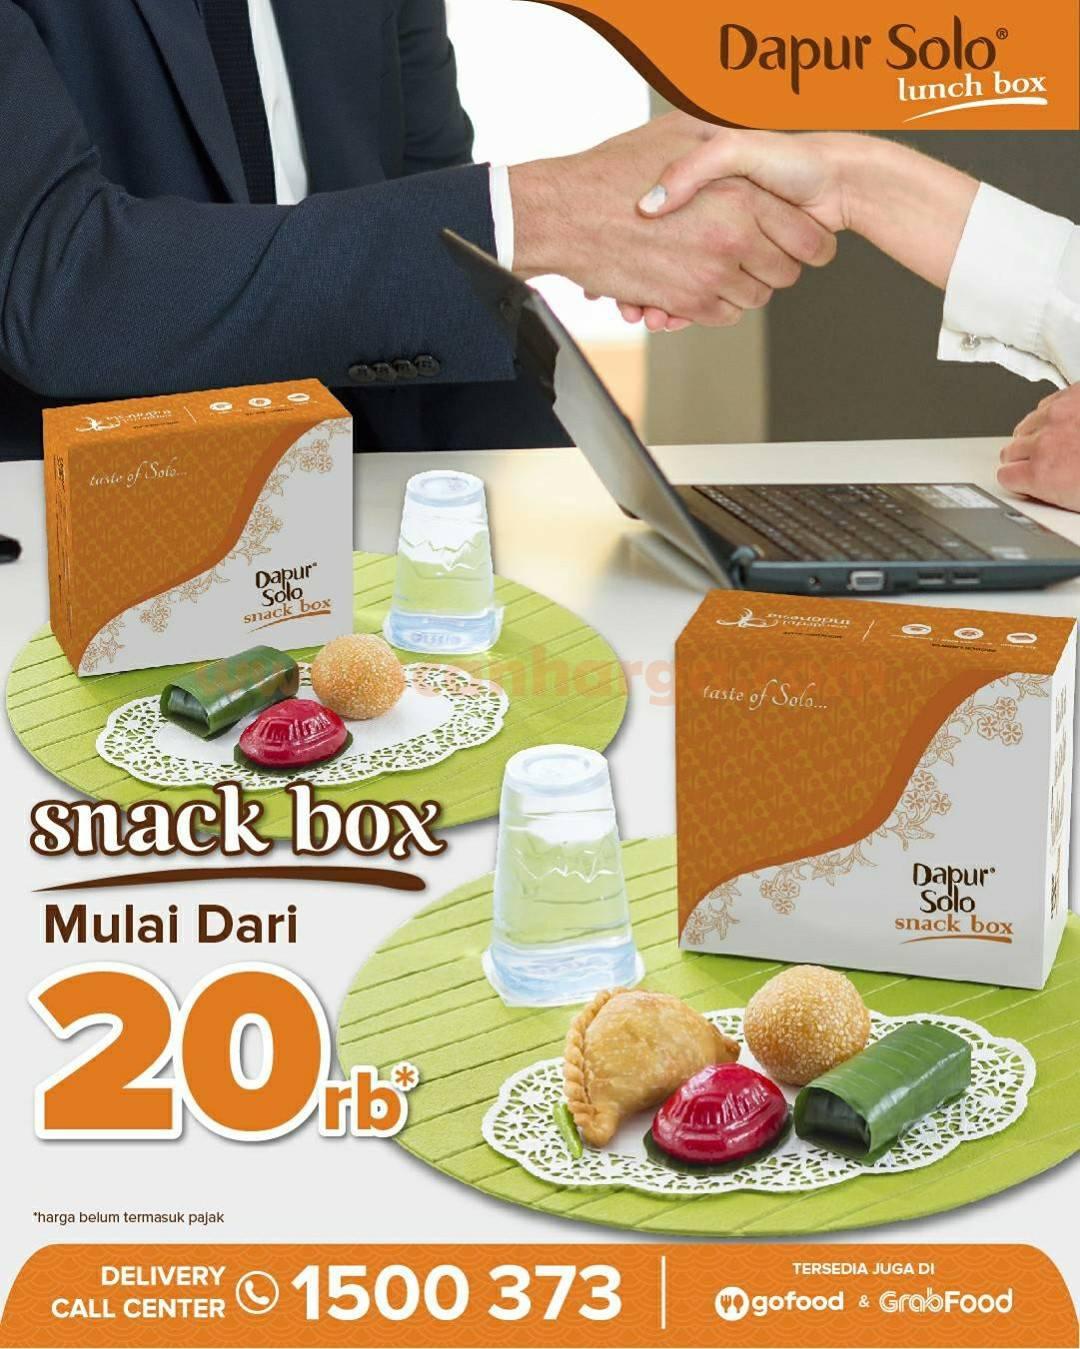 Promo DAPUR SOLO Paket SNACK BOX – Harga mulai dari Rp. 20 Ribu